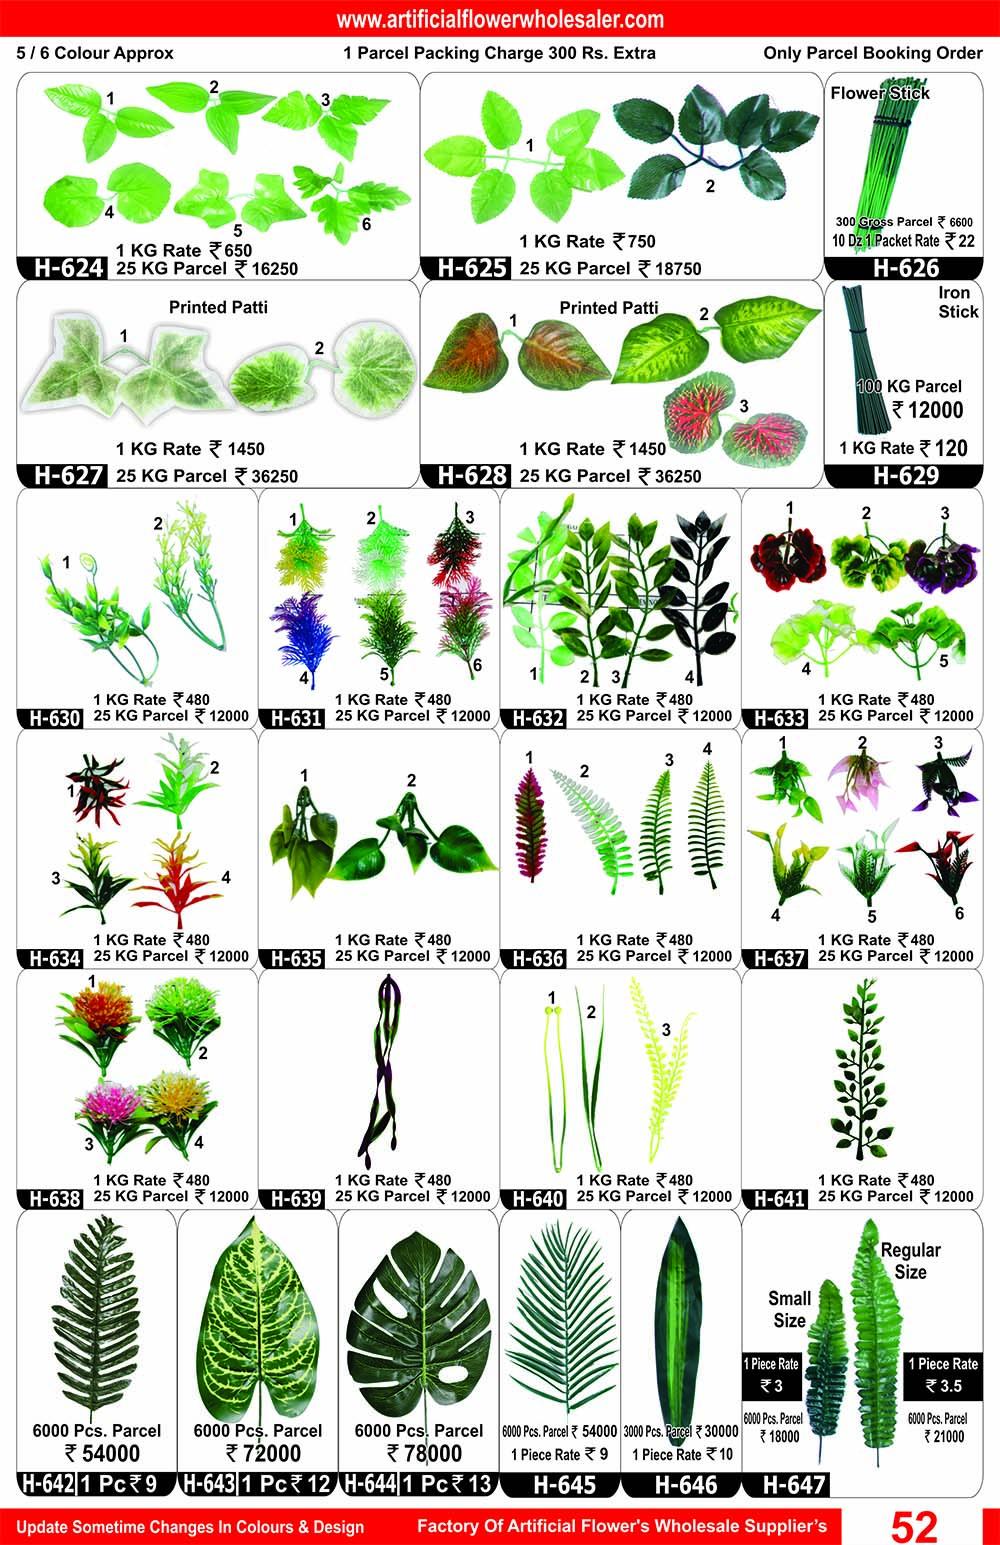 52-artificial-flower-wholesaler